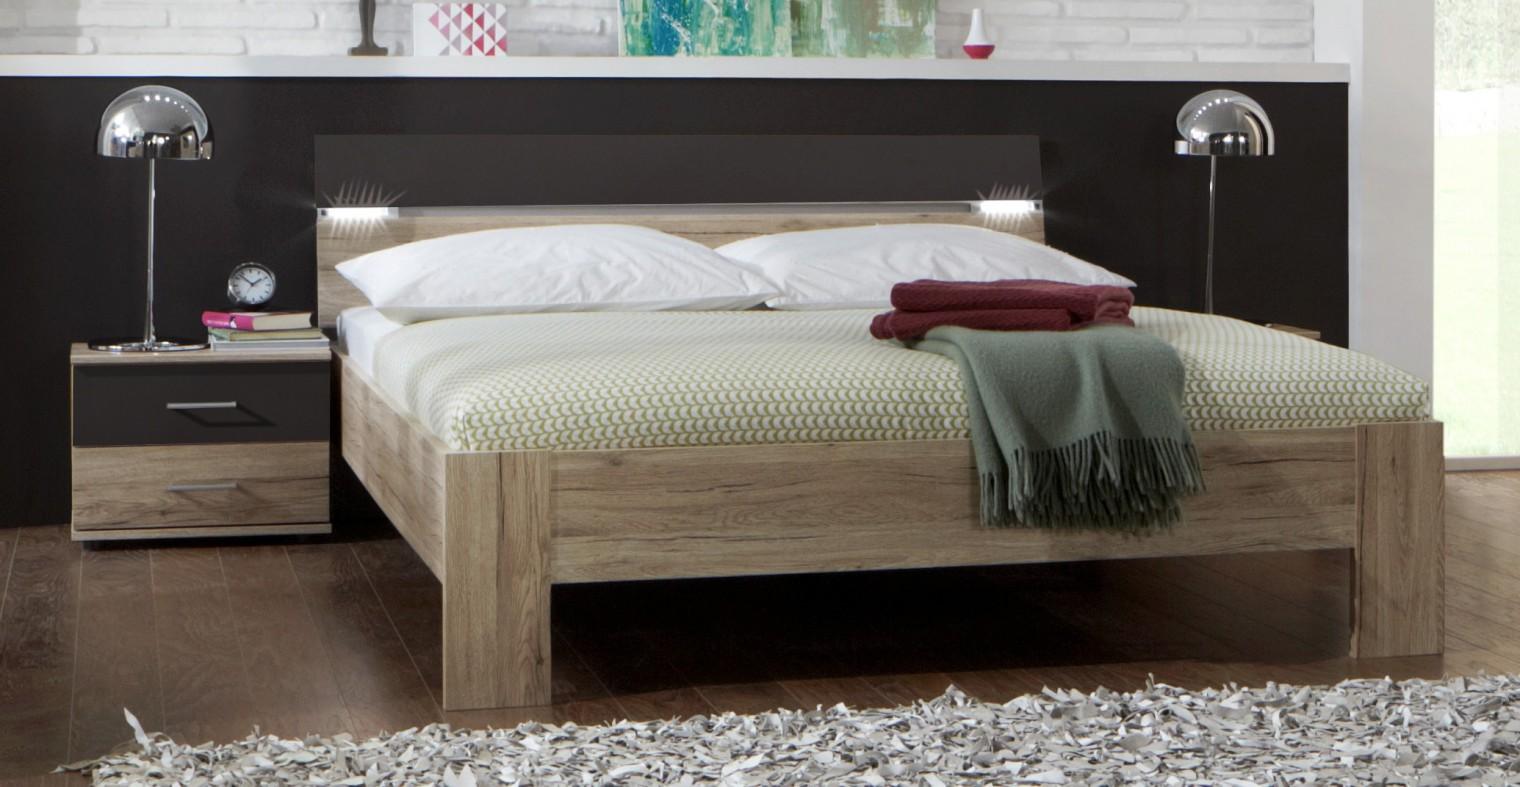 Ložnicový komplet Madrid - Komplet, postel 180 cm (dub san remo/lava černá)